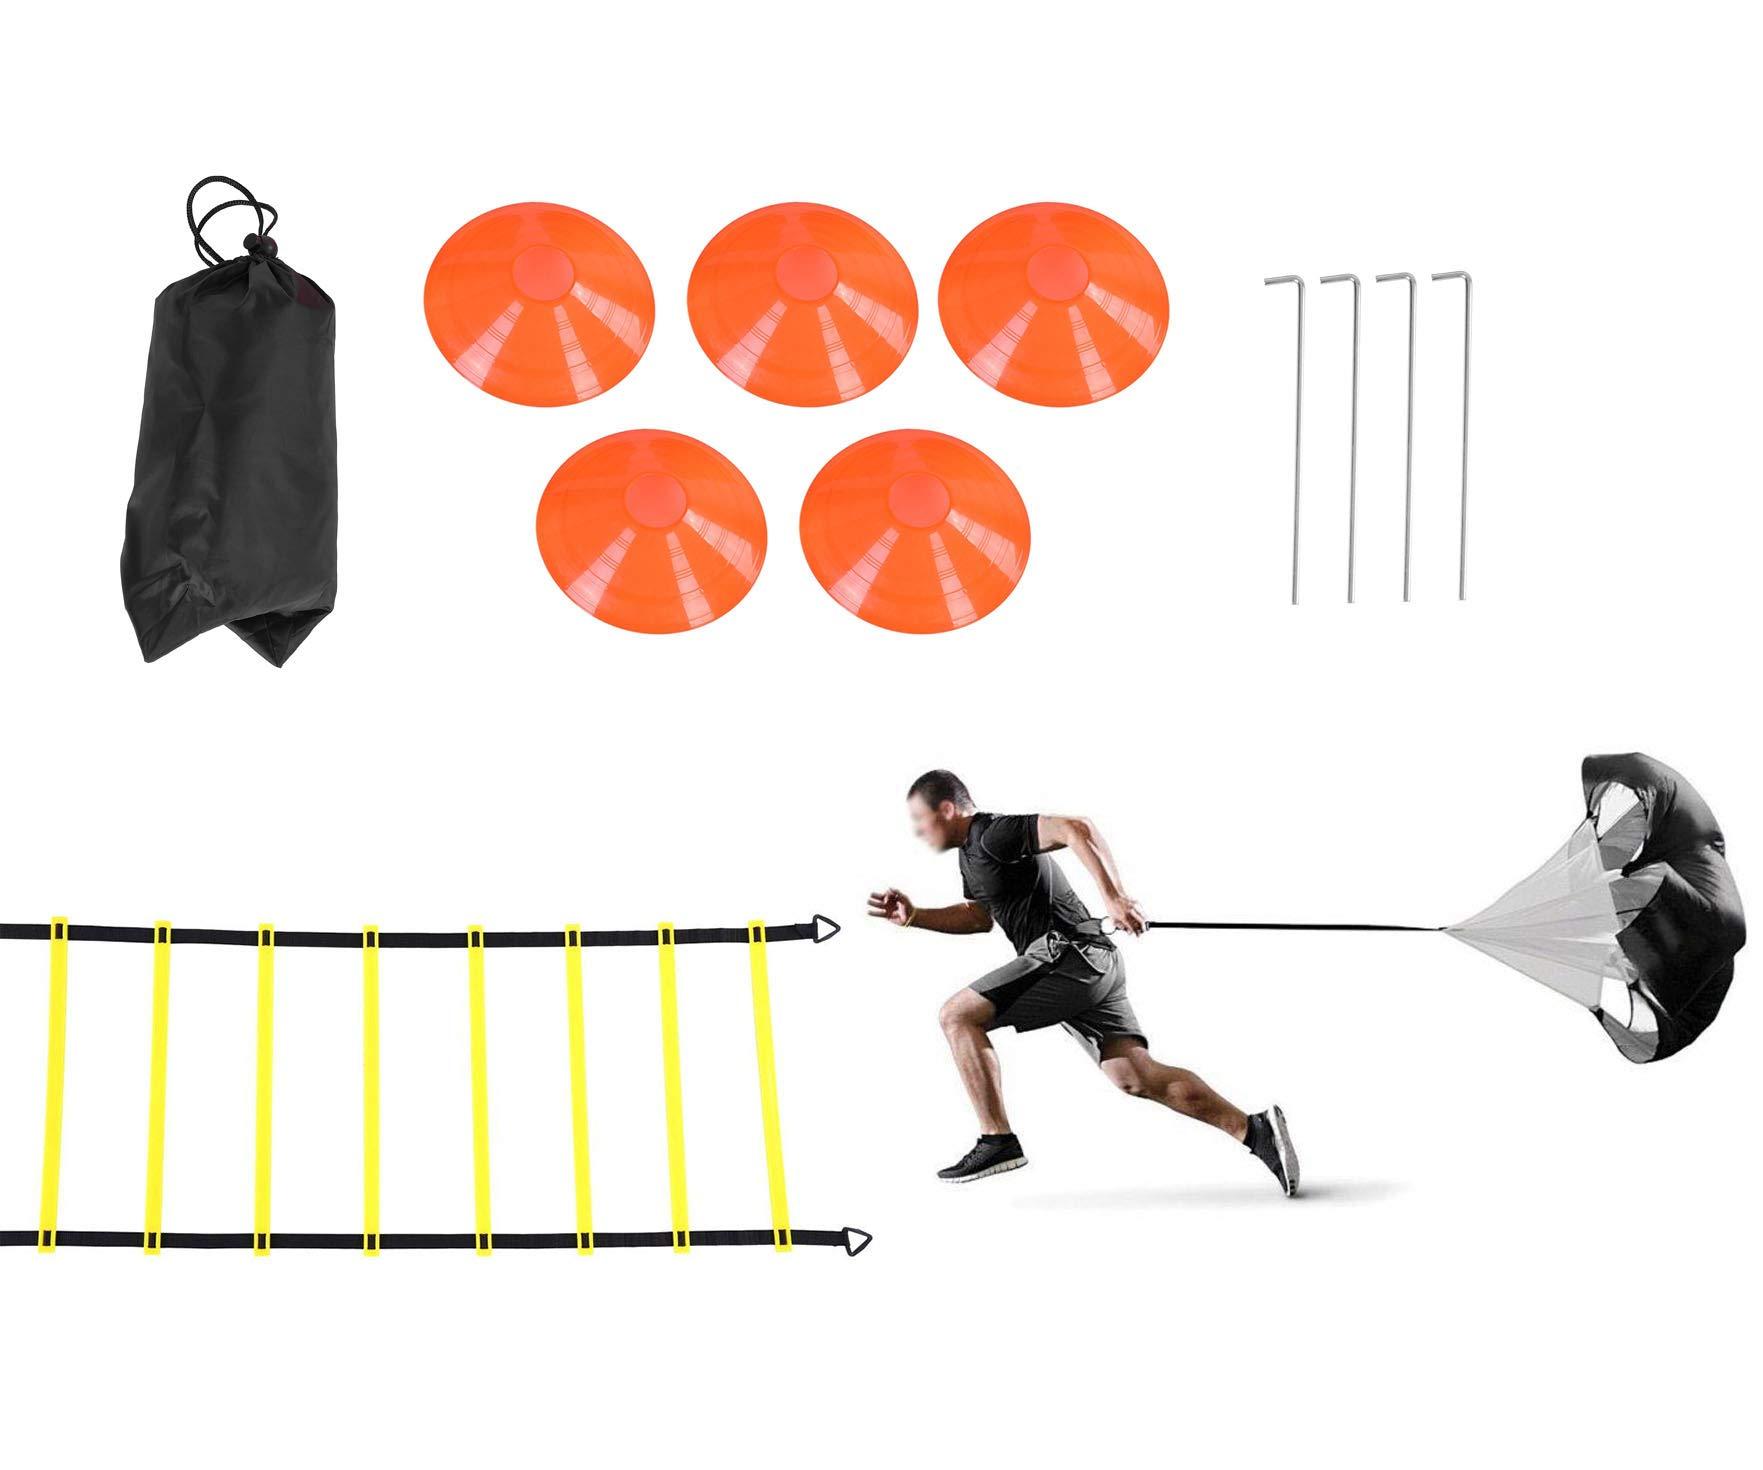 Rehomy Conjunto de Entrenamiento de Velocidad y Agilidad, Incluye 1 paracaídas de Resistencia y Escalera de Agilidad de 6m, 4 estacas de Acero, 5 Conos de Disco Ayuda para Entrenamiento de fútbol: